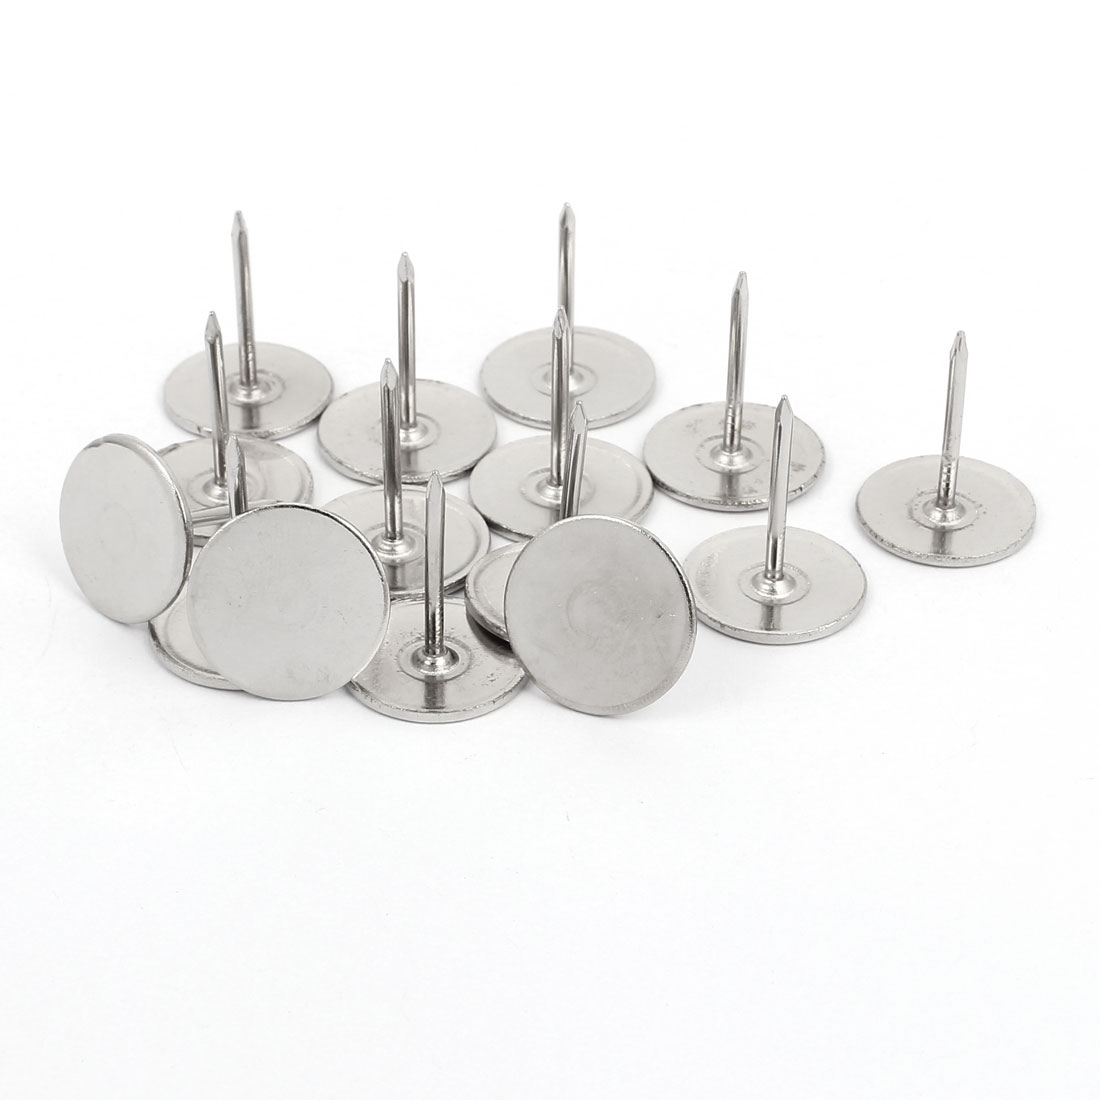 19mm Dia Round Head Upholstery Nail Tack Push Pin Thumbtack Silver Tone 15PCS